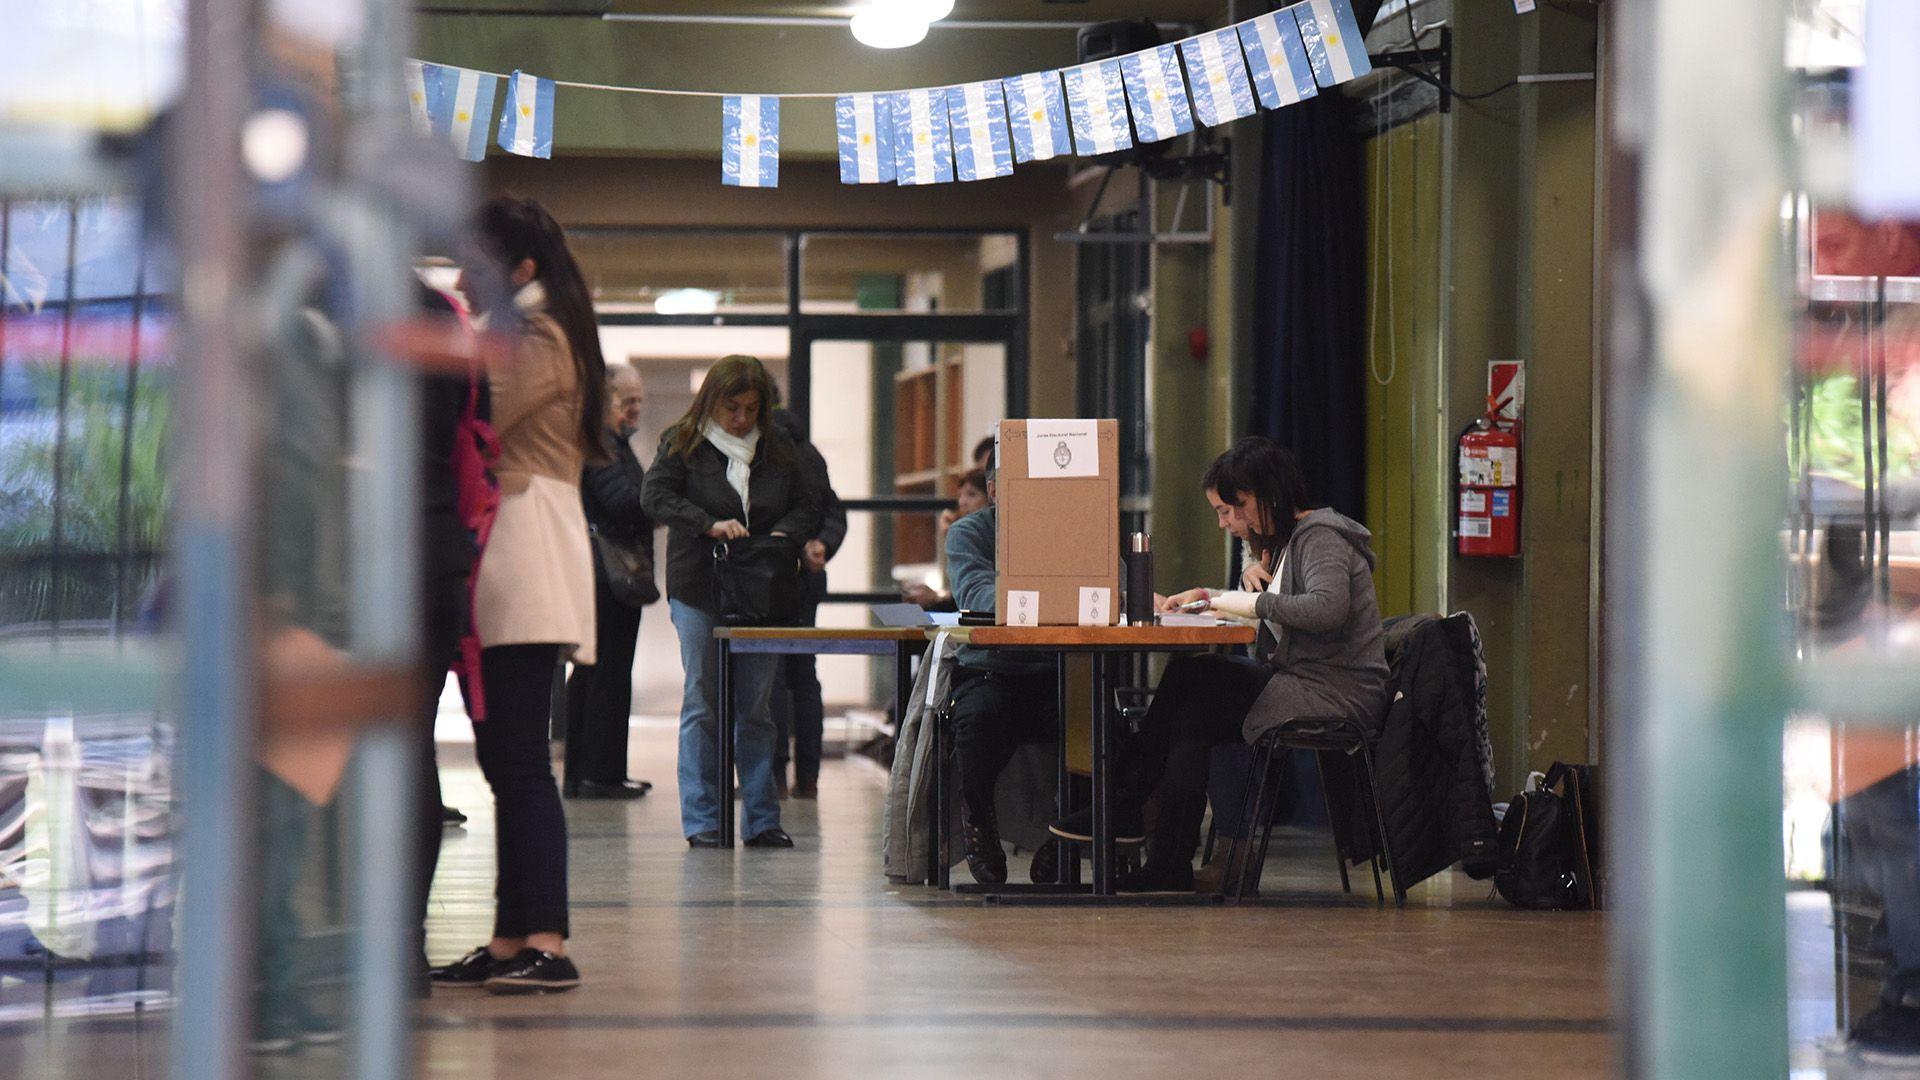 Los elementos que se utilicen durante las elecciones deben ser accesibles a todos (foto de archivo)